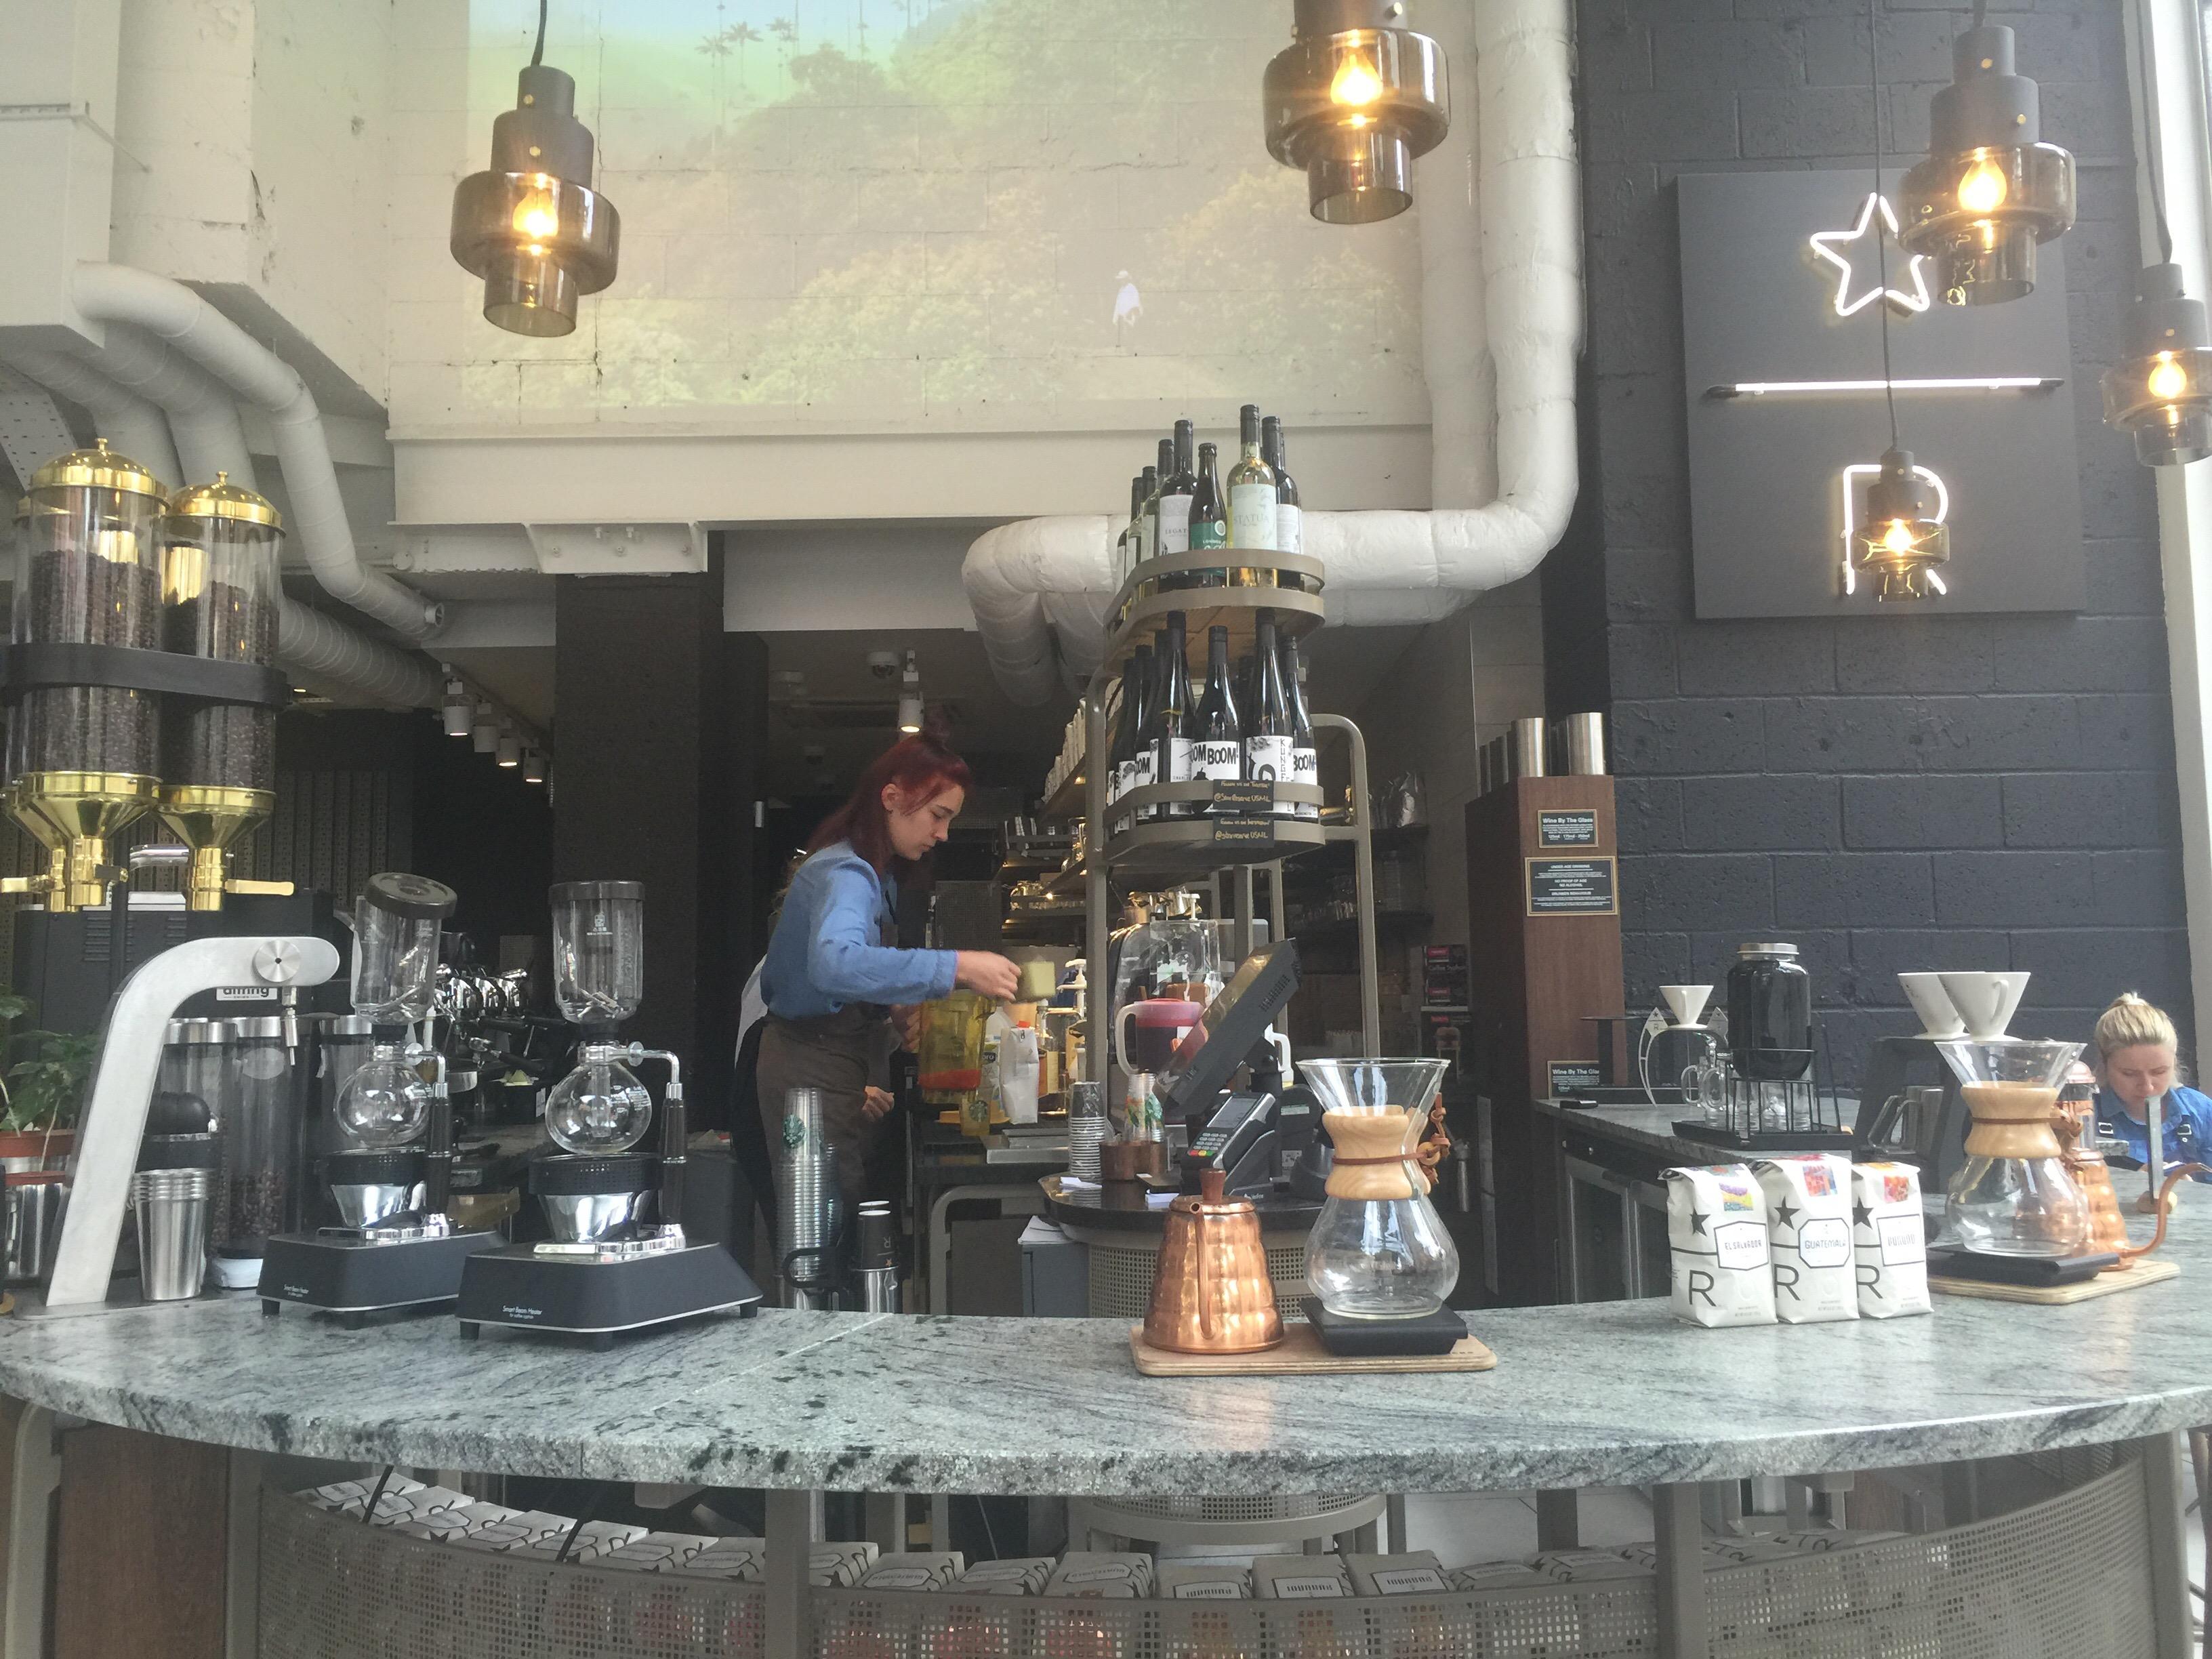 Starbucks är en kafékedja som ständigt förnyar sig, nu senaste med premiumkonceptet Reserve. På Litchfield Street i Londons Covent Garden finns Europas första Starbucks Reserve, där du har bordsservering...